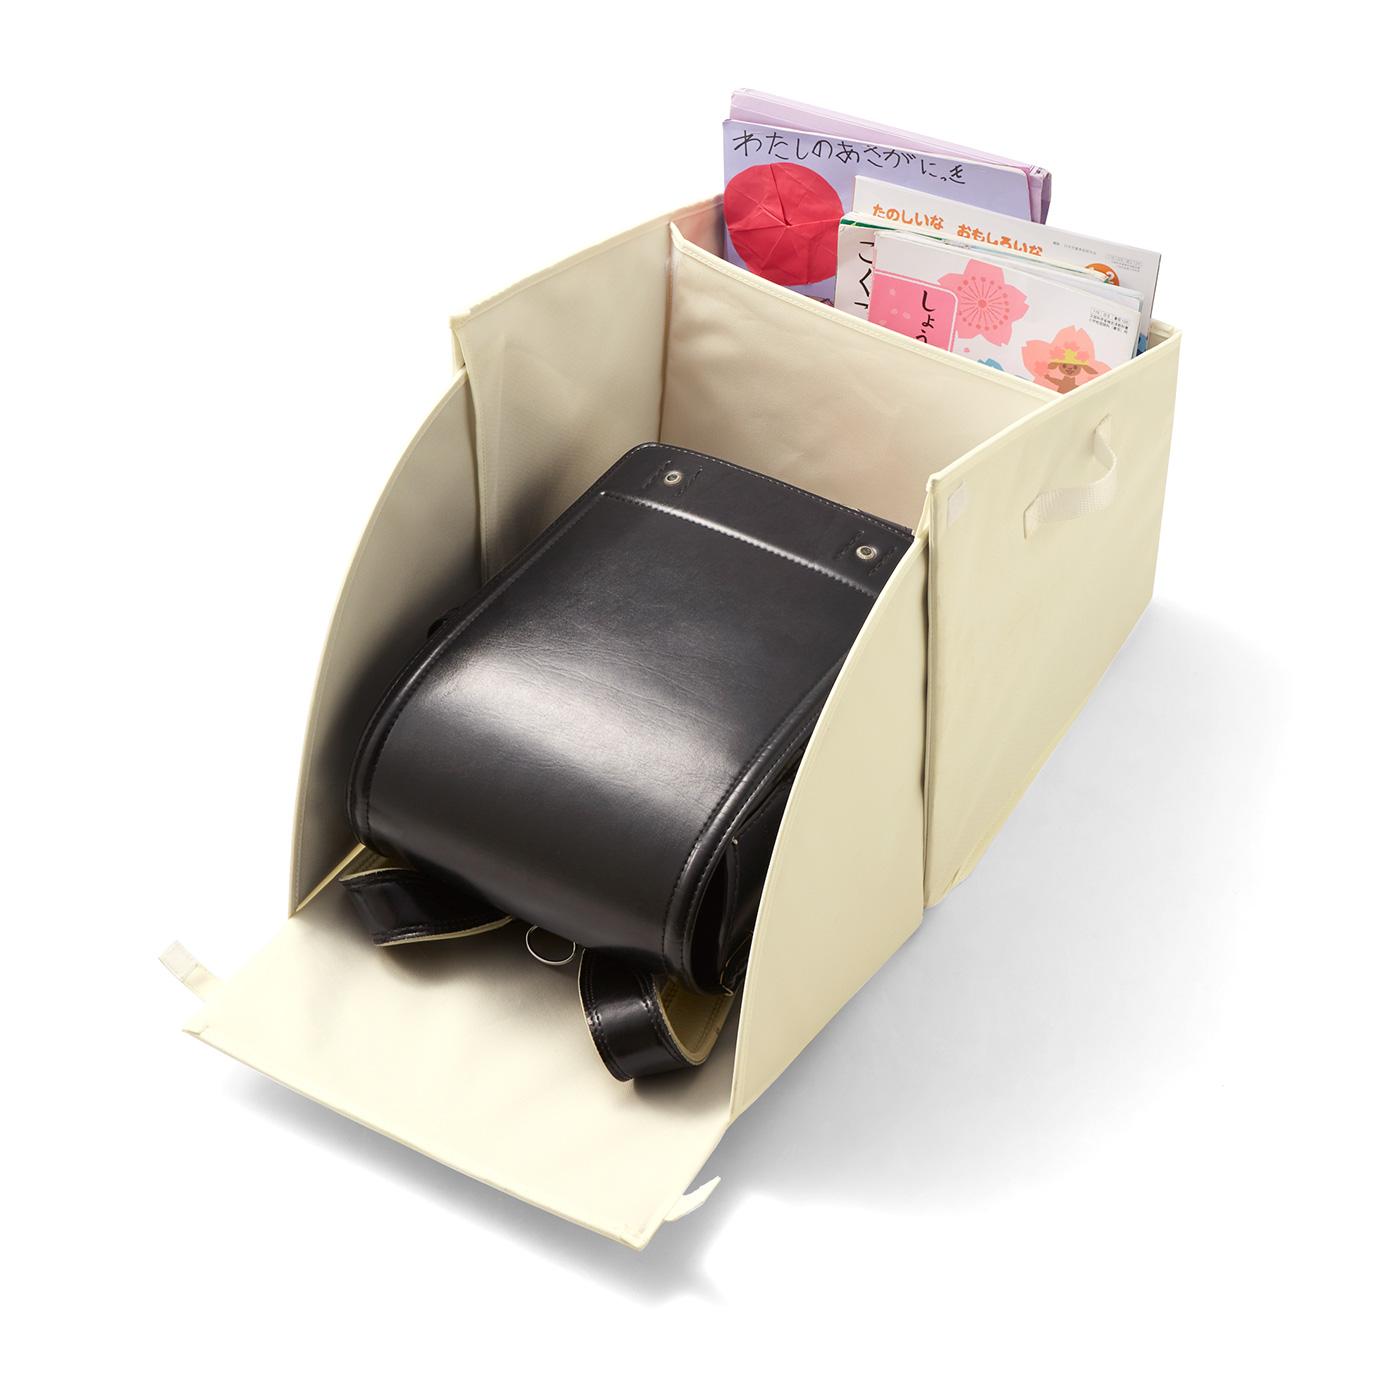 背面が倒れる仕組み。ランドセルをボックス内に収納したまま、教科書の出し入れOK!